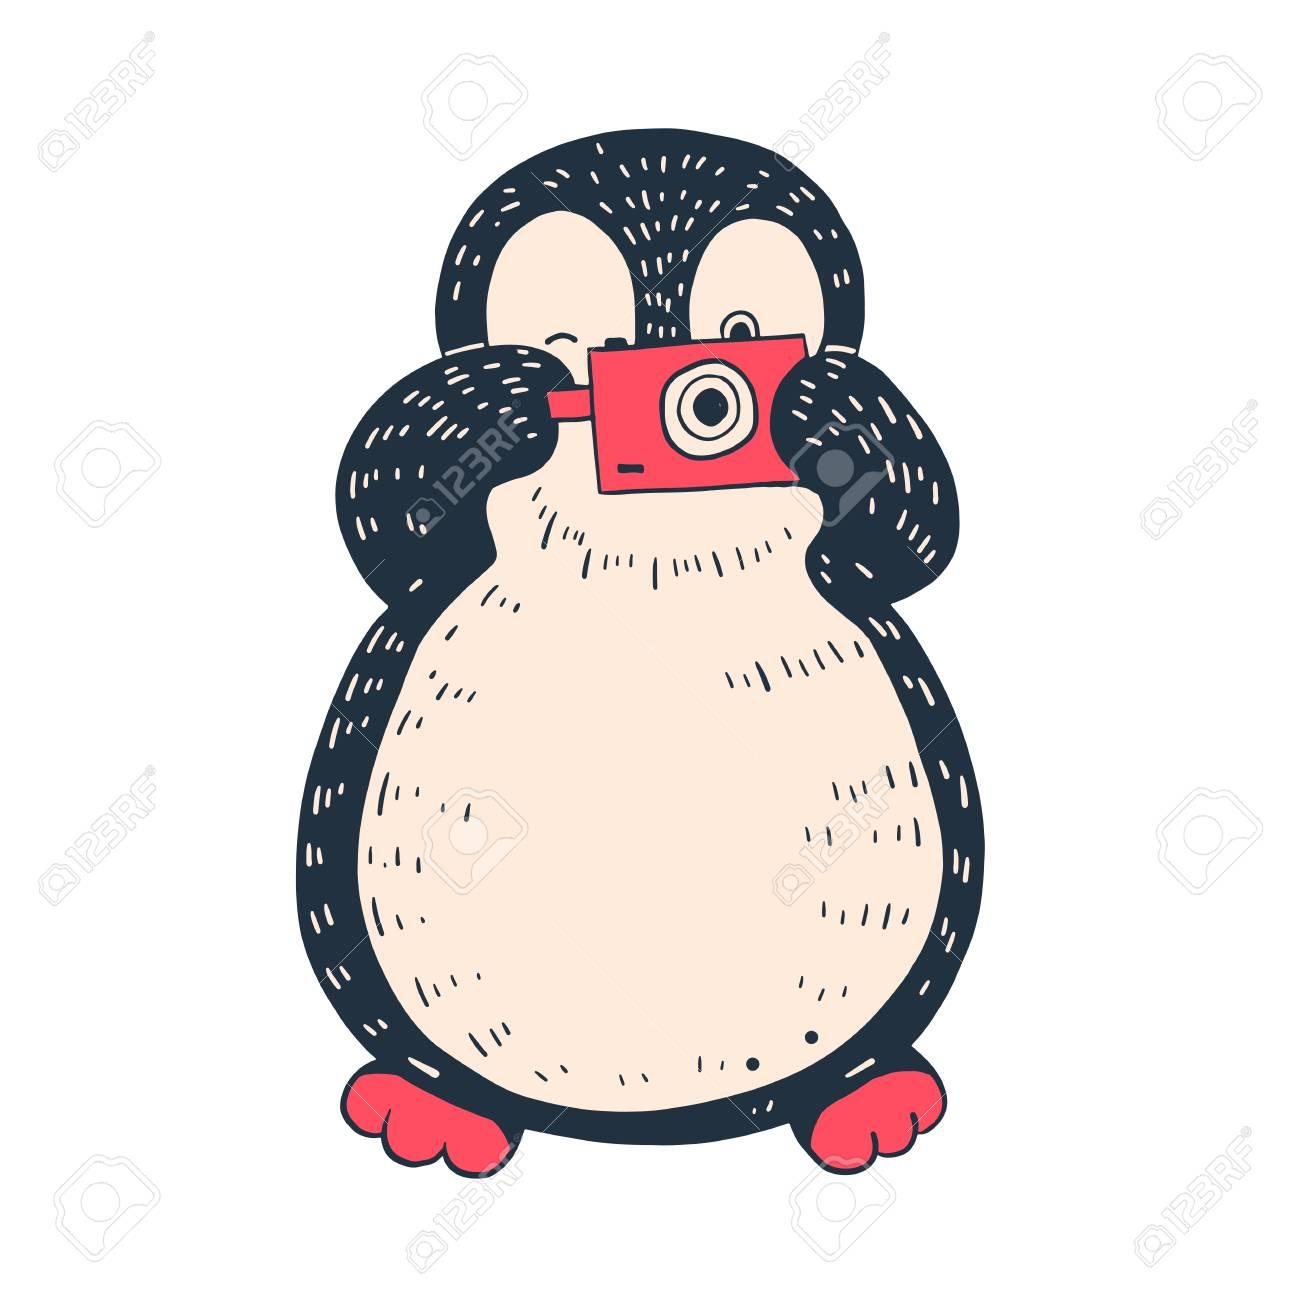 カメラでかわいいペンギンのイラスト 手描きのイラスト ベクトル のイラスト素材 ベクタ Image